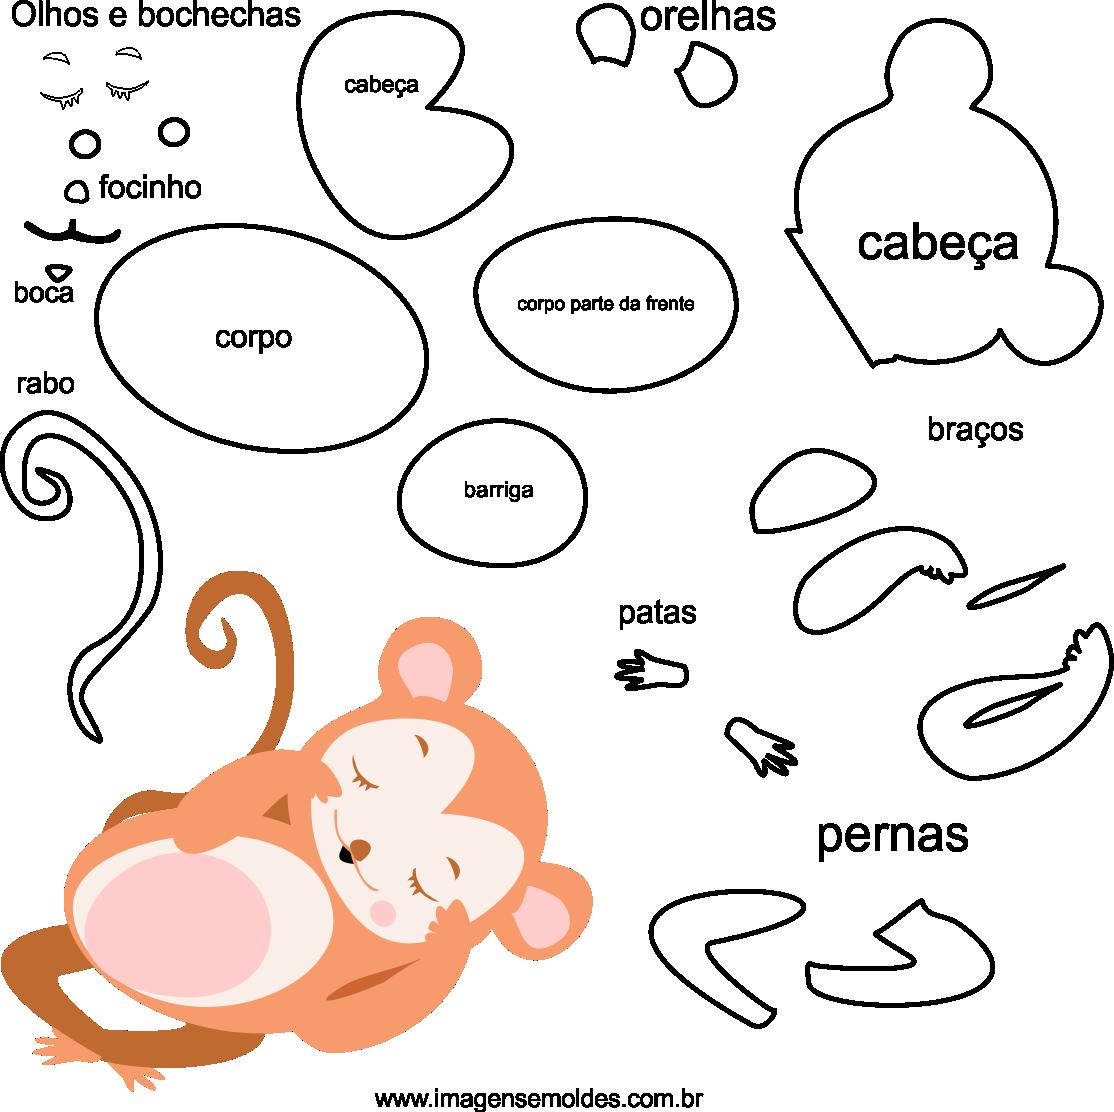 Molde de animal macaco 2 para feltro, eva e artesanato, Affenform, molde de mono, monkey mold